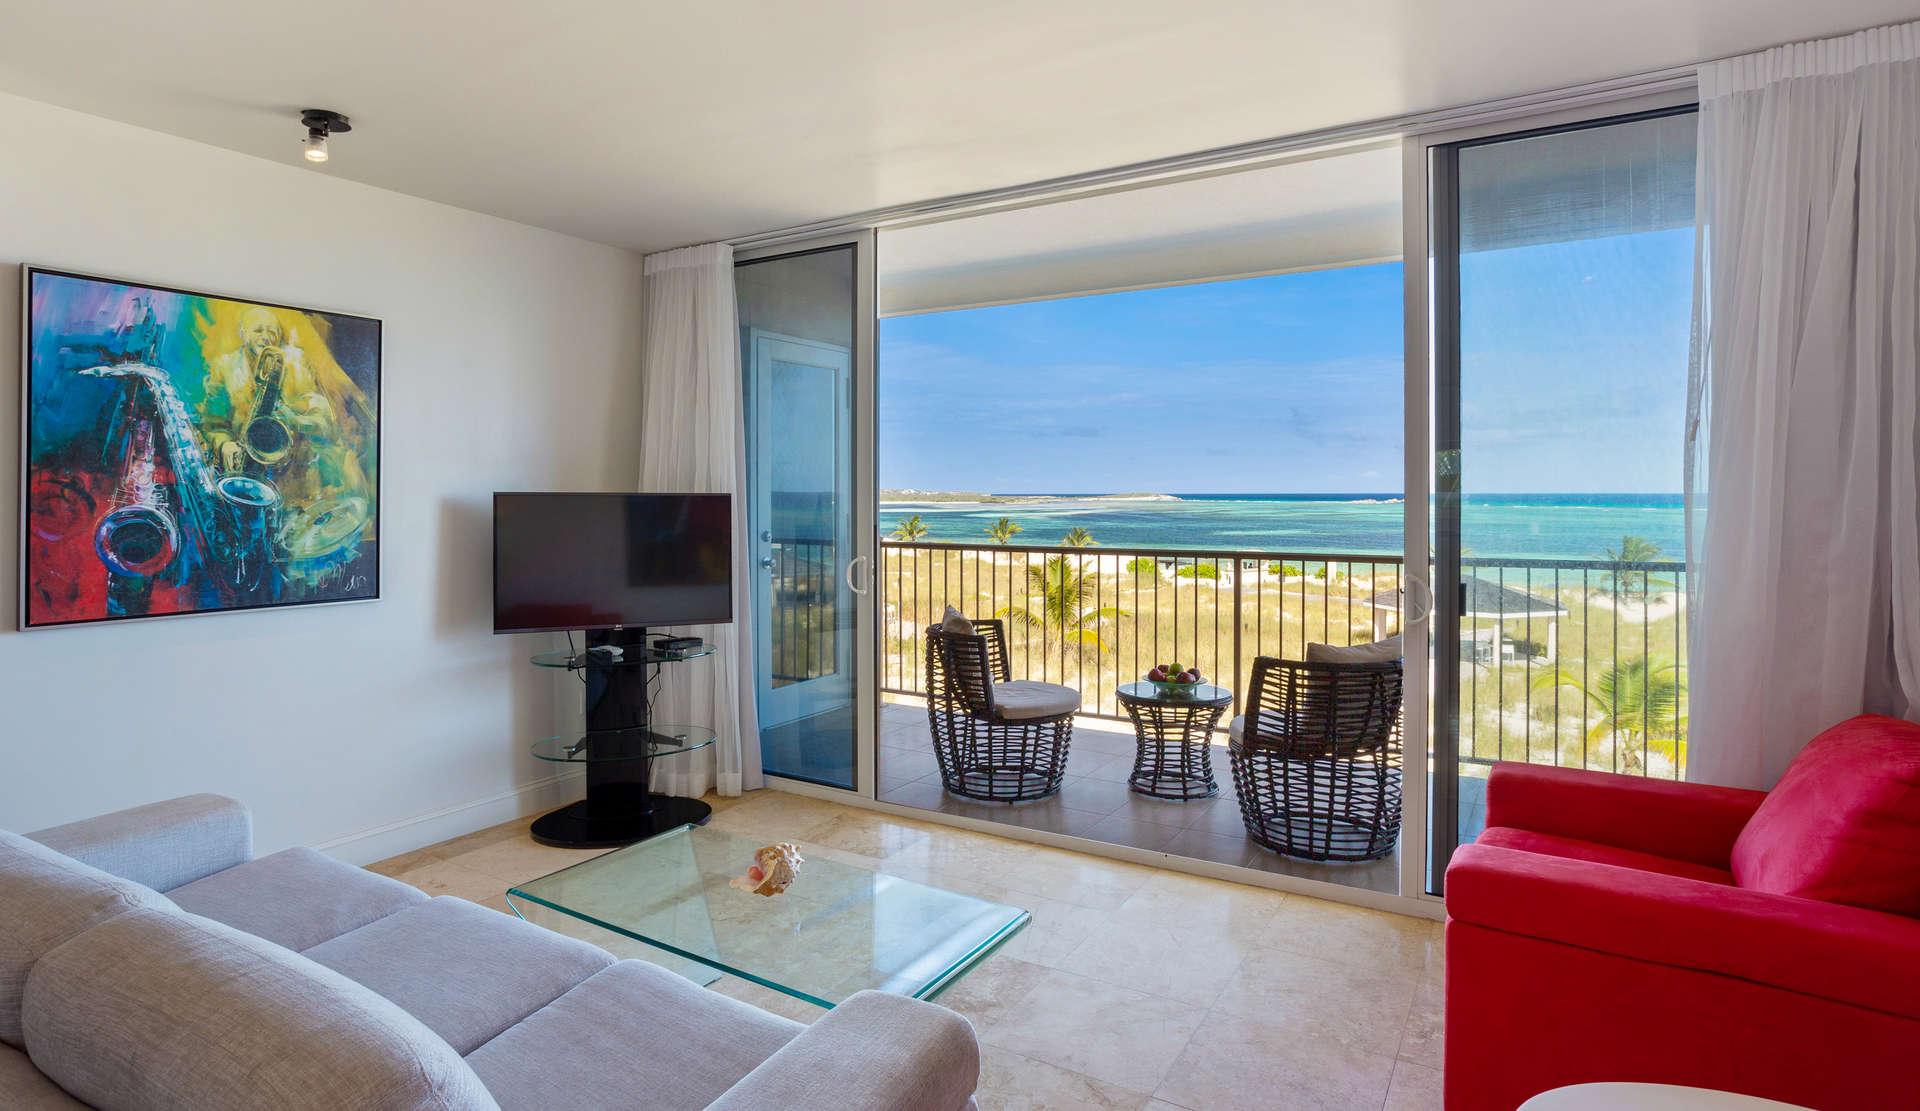 - Deluxe Beachfront | 2 Bedrooms - Image 1/9